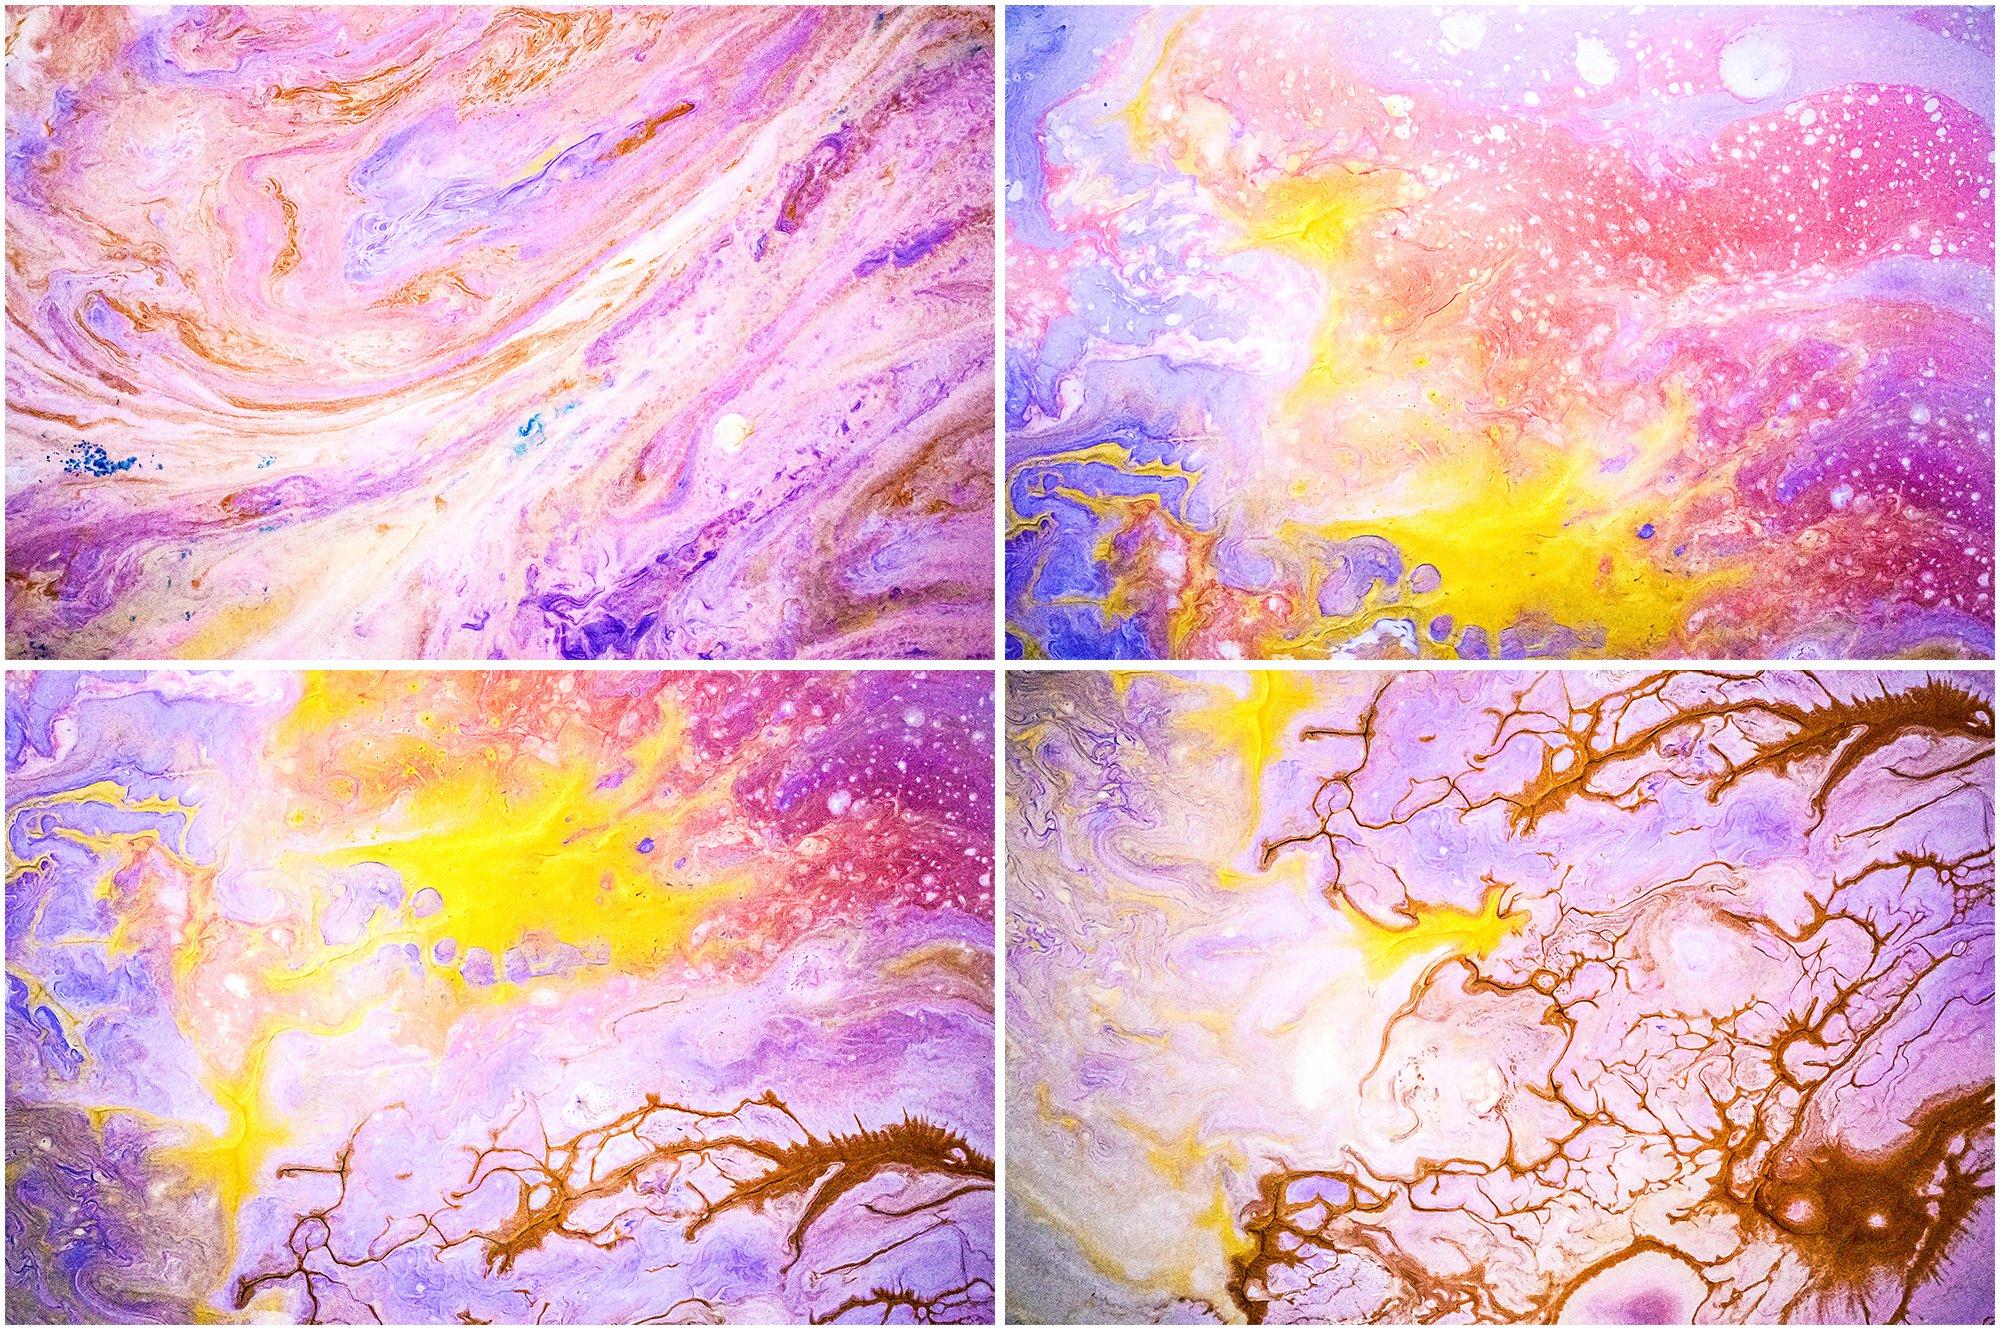 8款高清抽象涂料丙烯酸背景纹理图片素材 Liquid Paint – Lillac Textures插图(2)